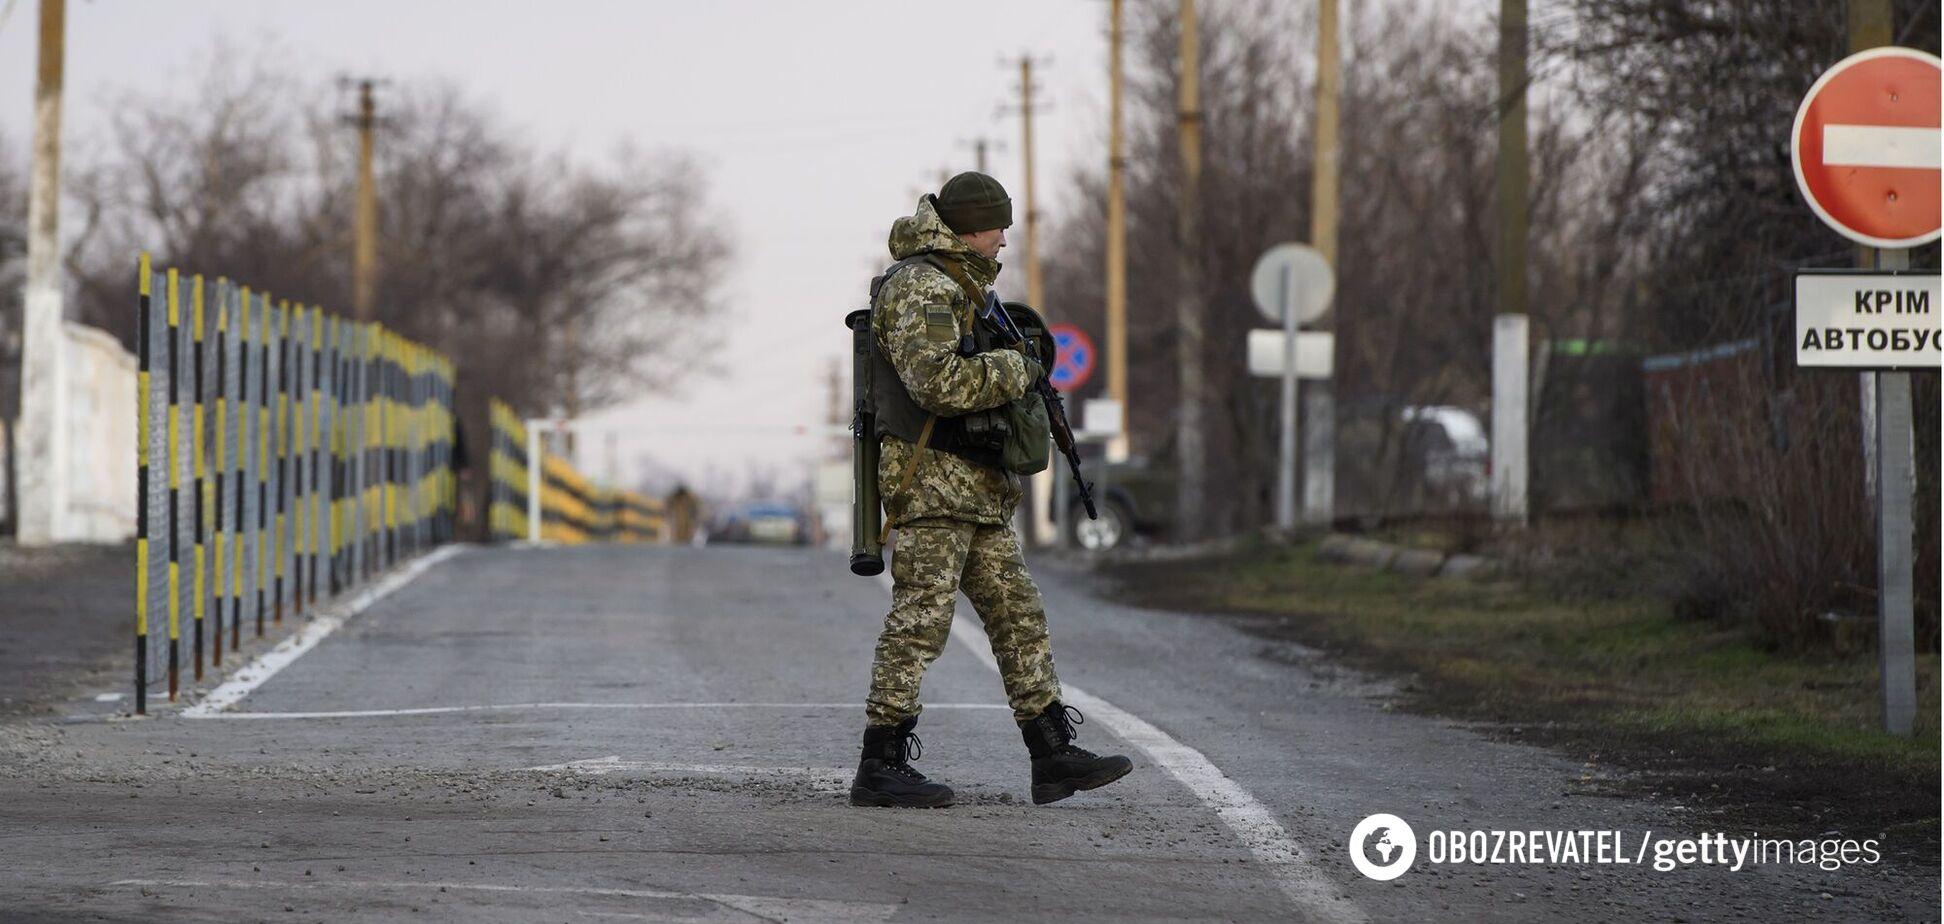 Стрілянина на кордоні з Україною: прикордонники заявили про саботаж Росією розслідування НП